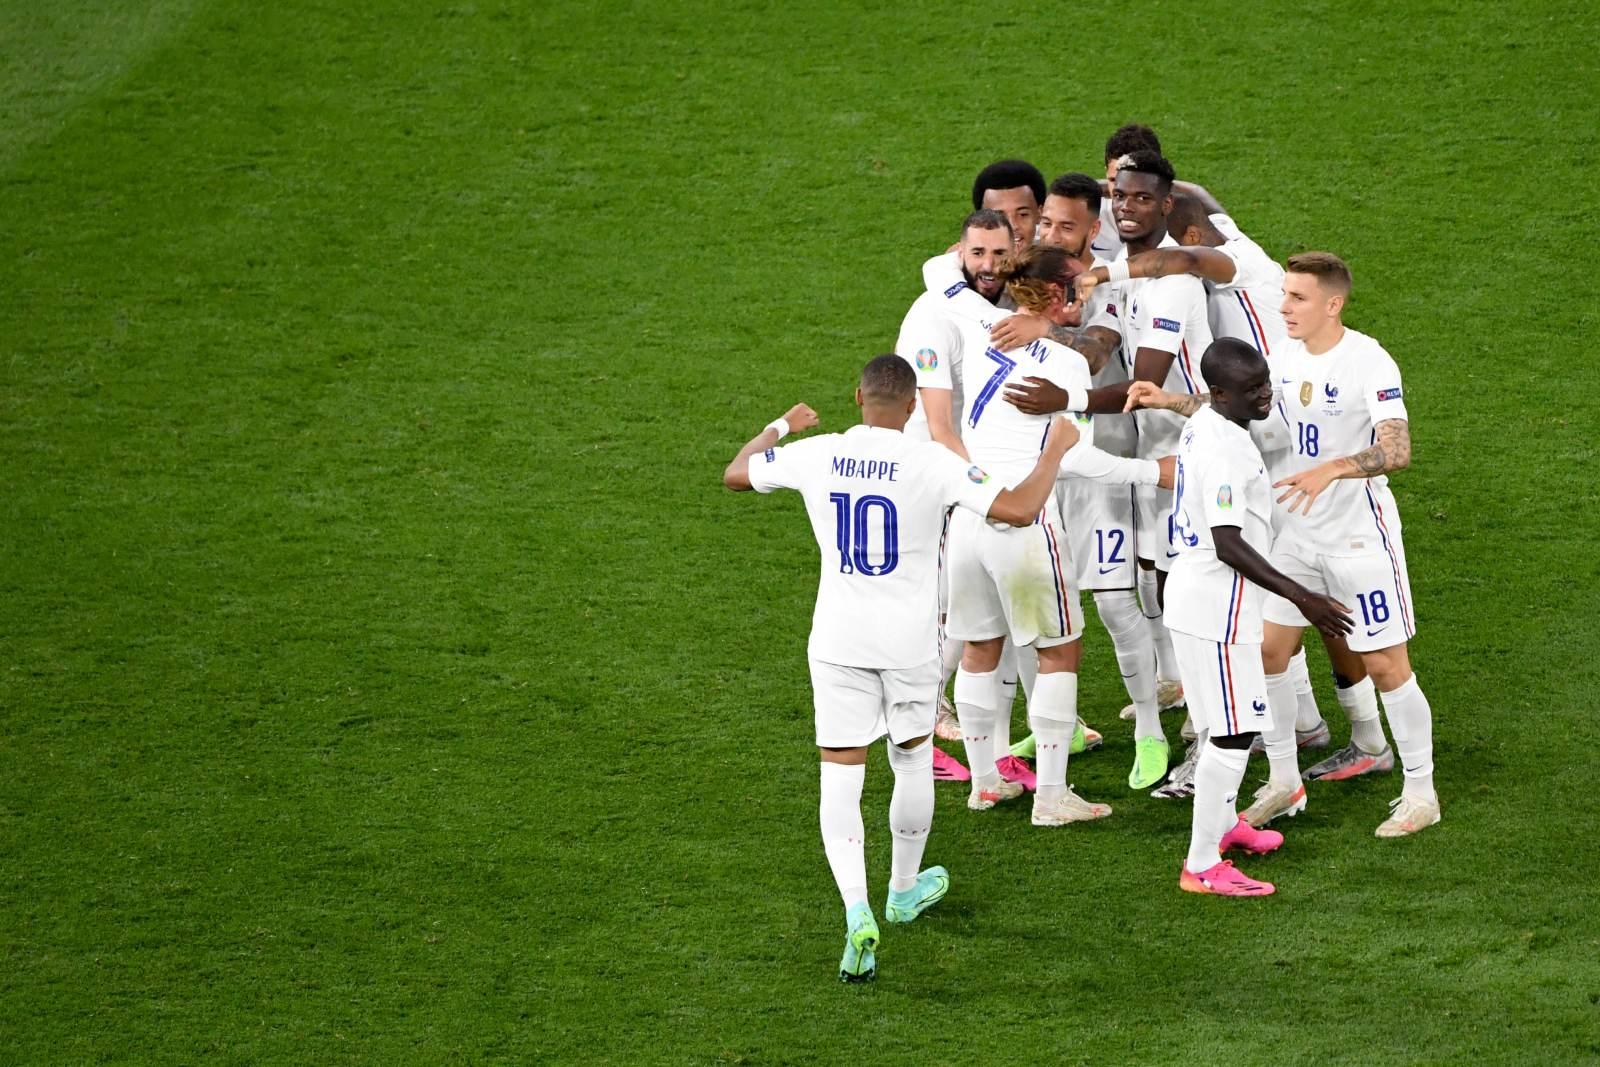 Как матч Франция – Португалия смотрели на МКС (фото)